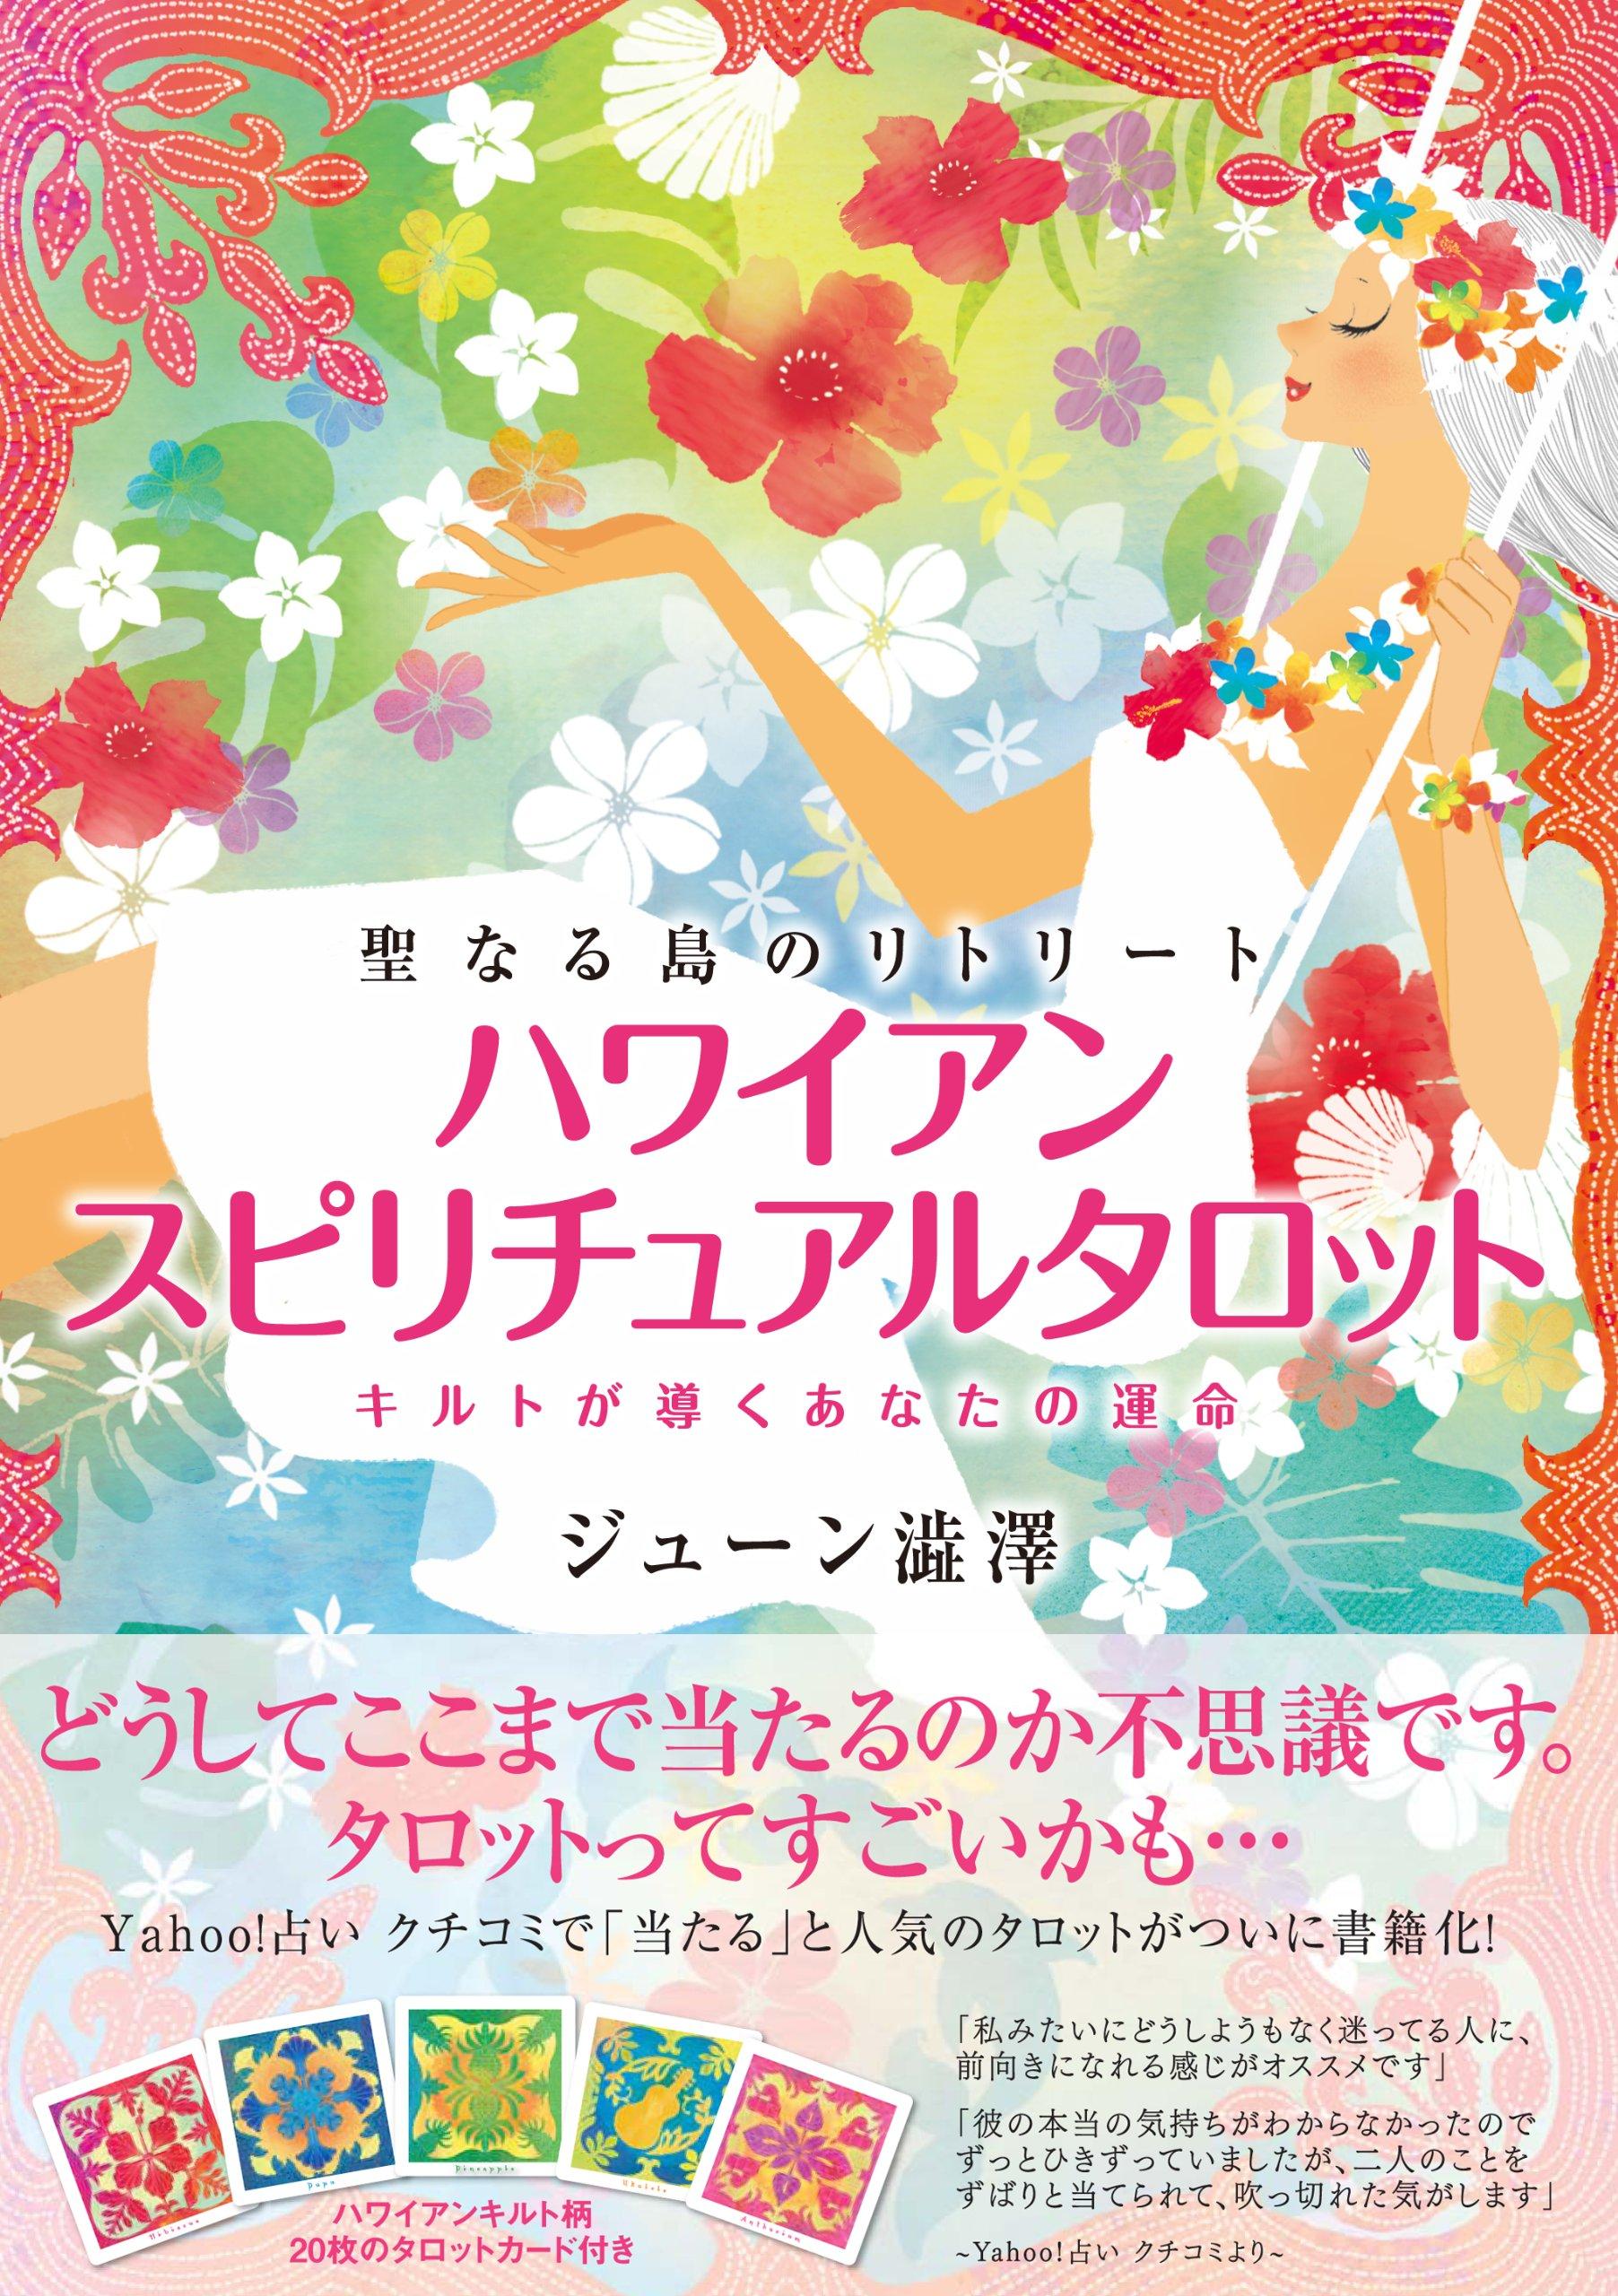 『聖なる島のリトリート ハワイアンスピリチュアルタロット』三空出版